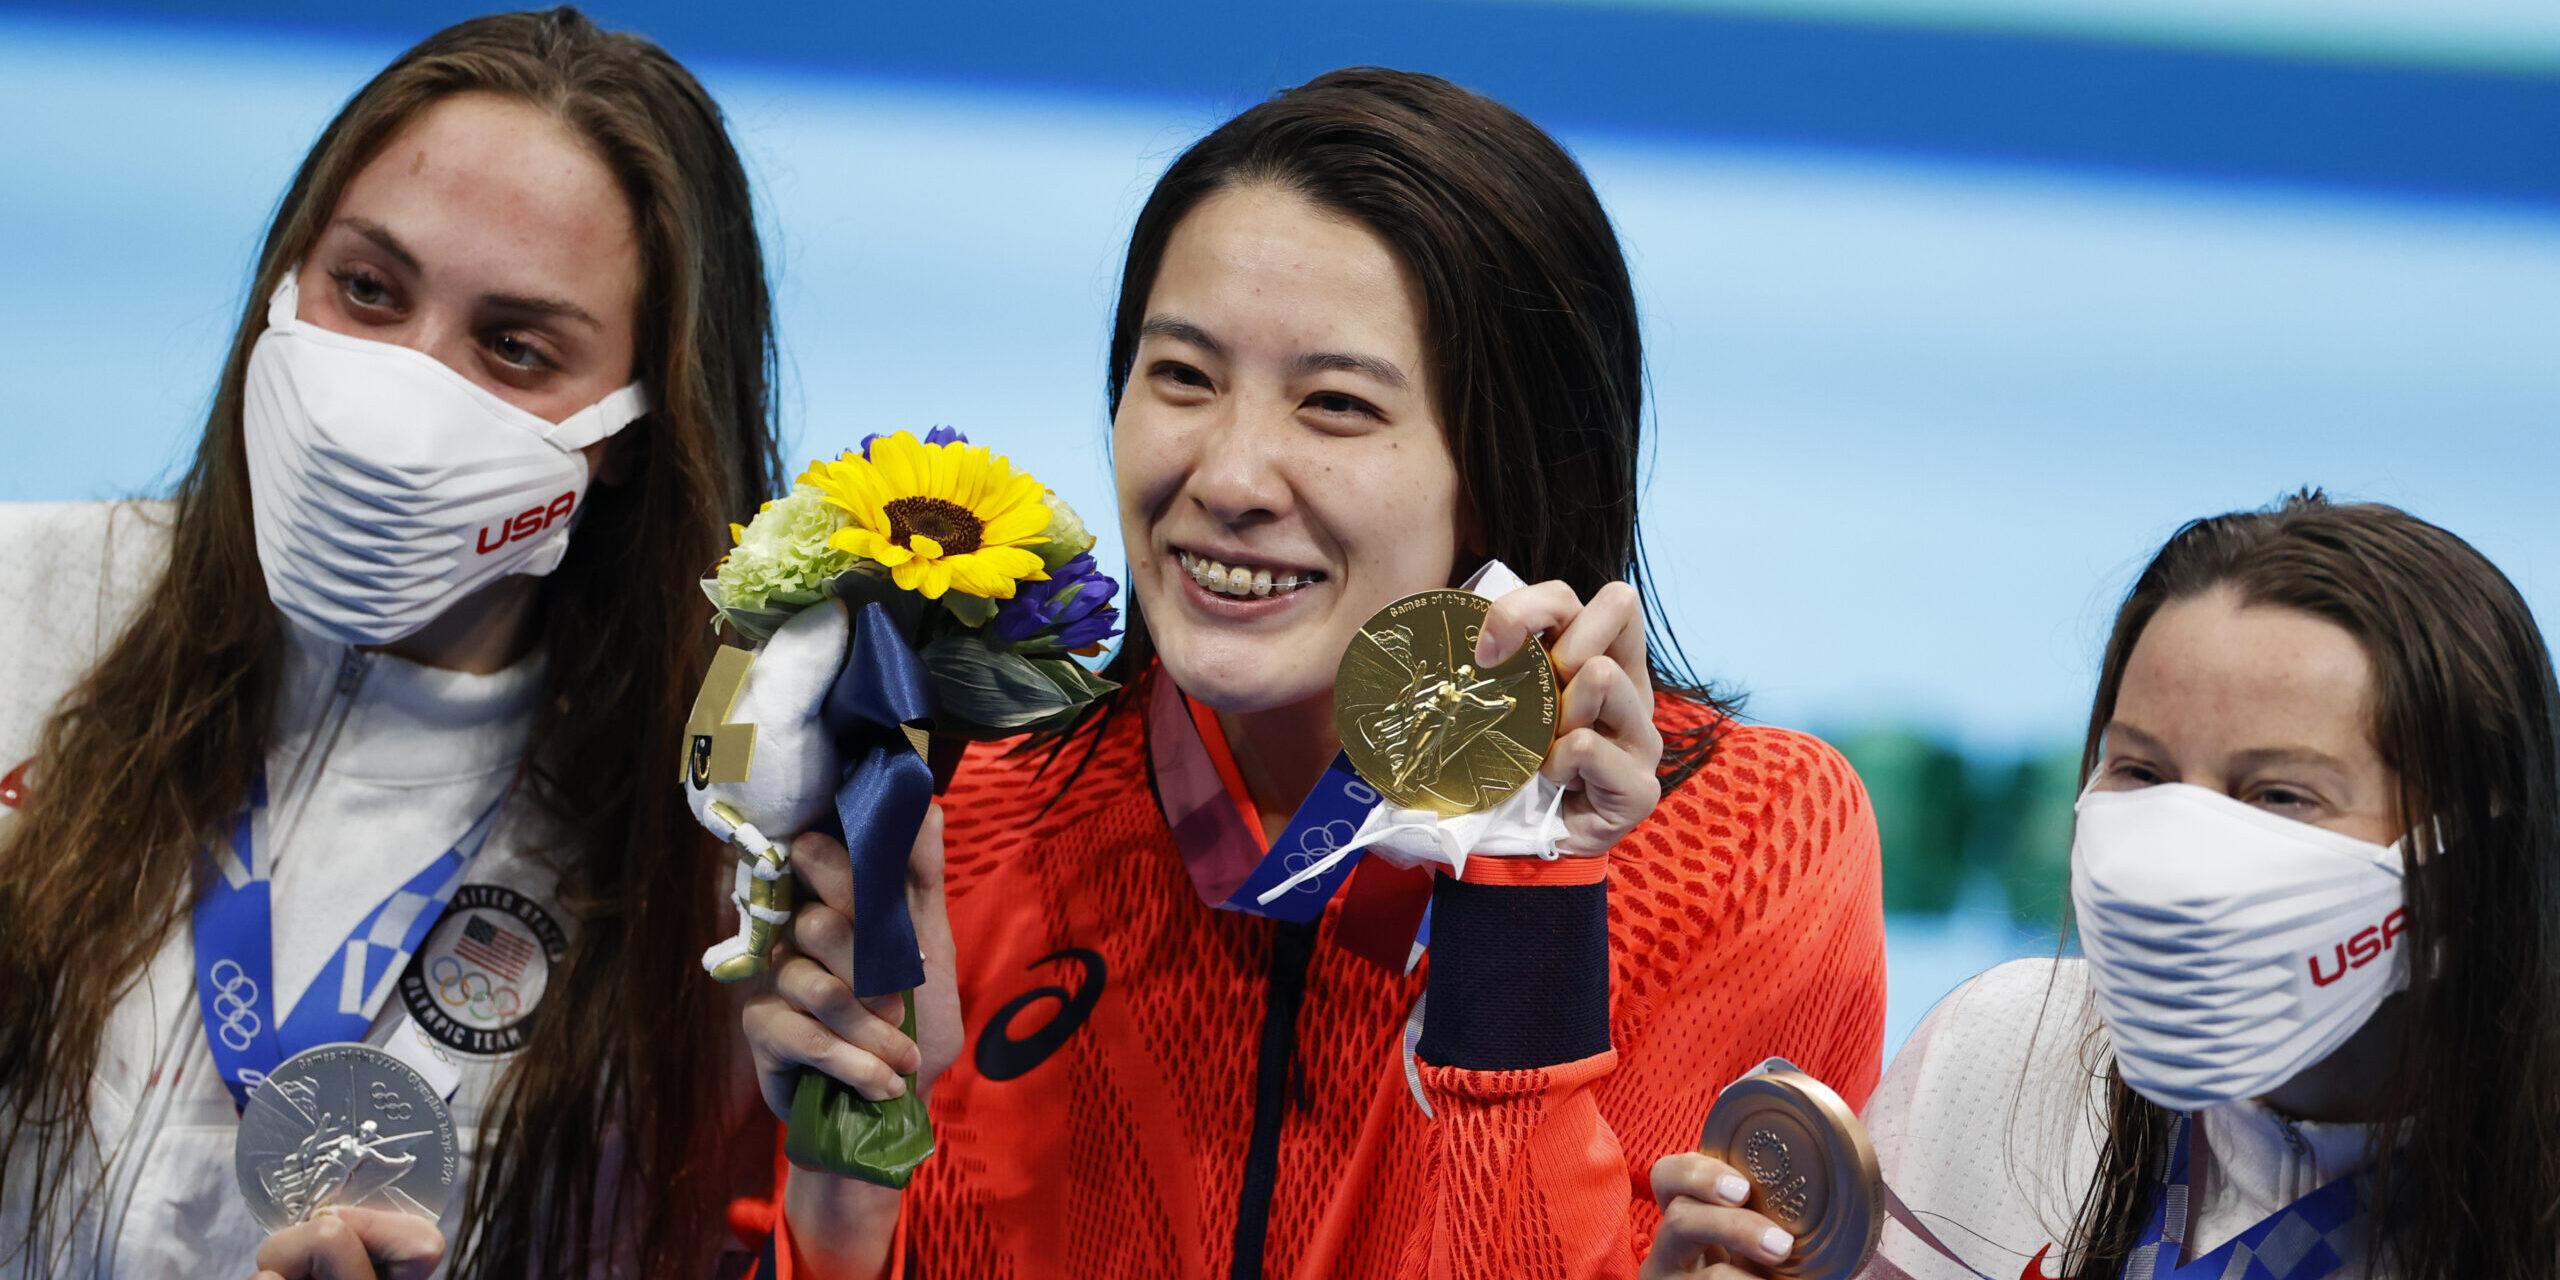 Ohashi, Weyant i Flickinger, medallistes olímpiques | Europa Press